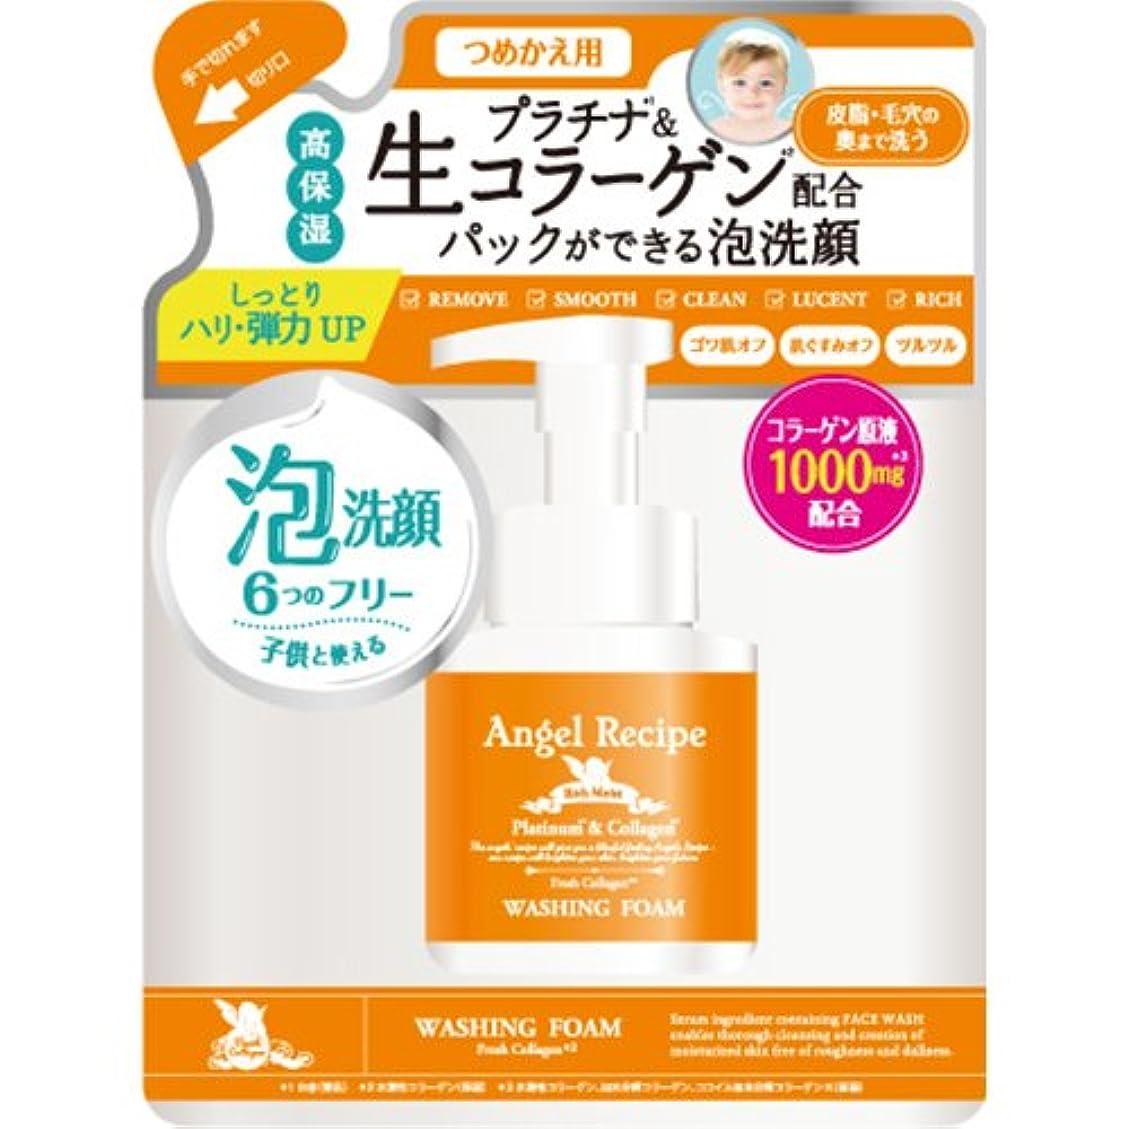 契約した珍味ルーAngelRecipe エンジェルレシピ リッチモイスト 泡洗顔 詰替え 130ml